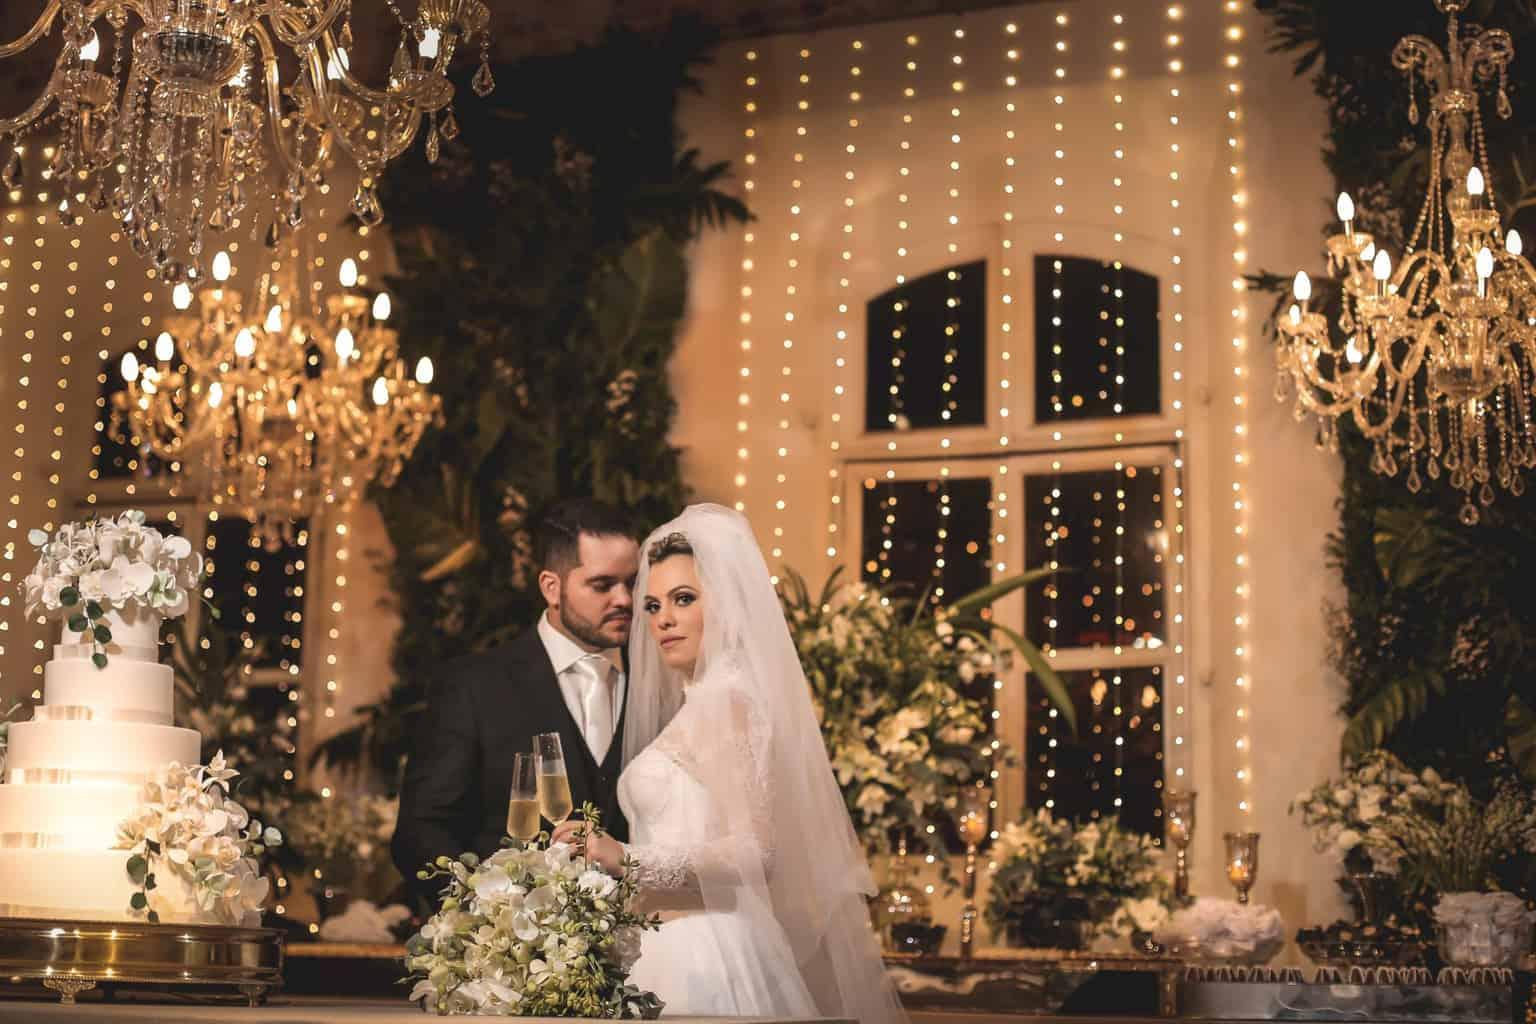 casamento-Juliana-e-Eduardo-foto-dos-noivos-Fotografia-Ricardo-Nascimento-e-Thereza-magno-Usina-dois-irmãos86